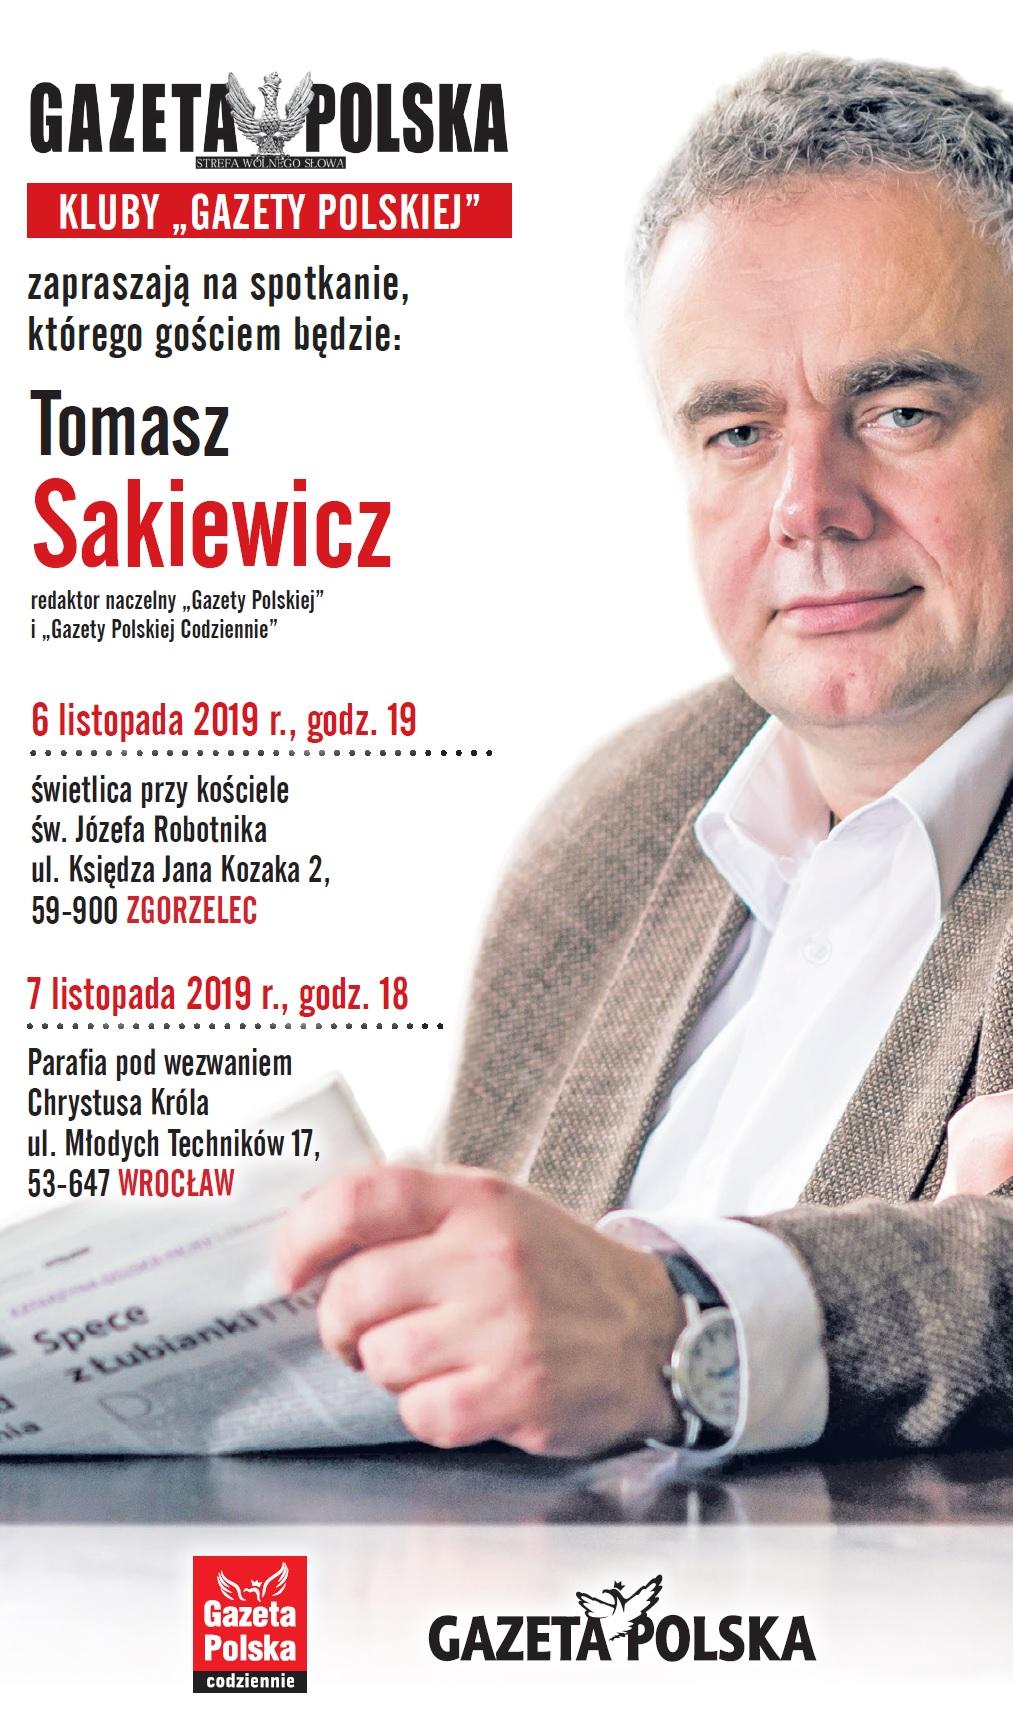 Zgorzelec, Wroclaw Sakiewicz 2019